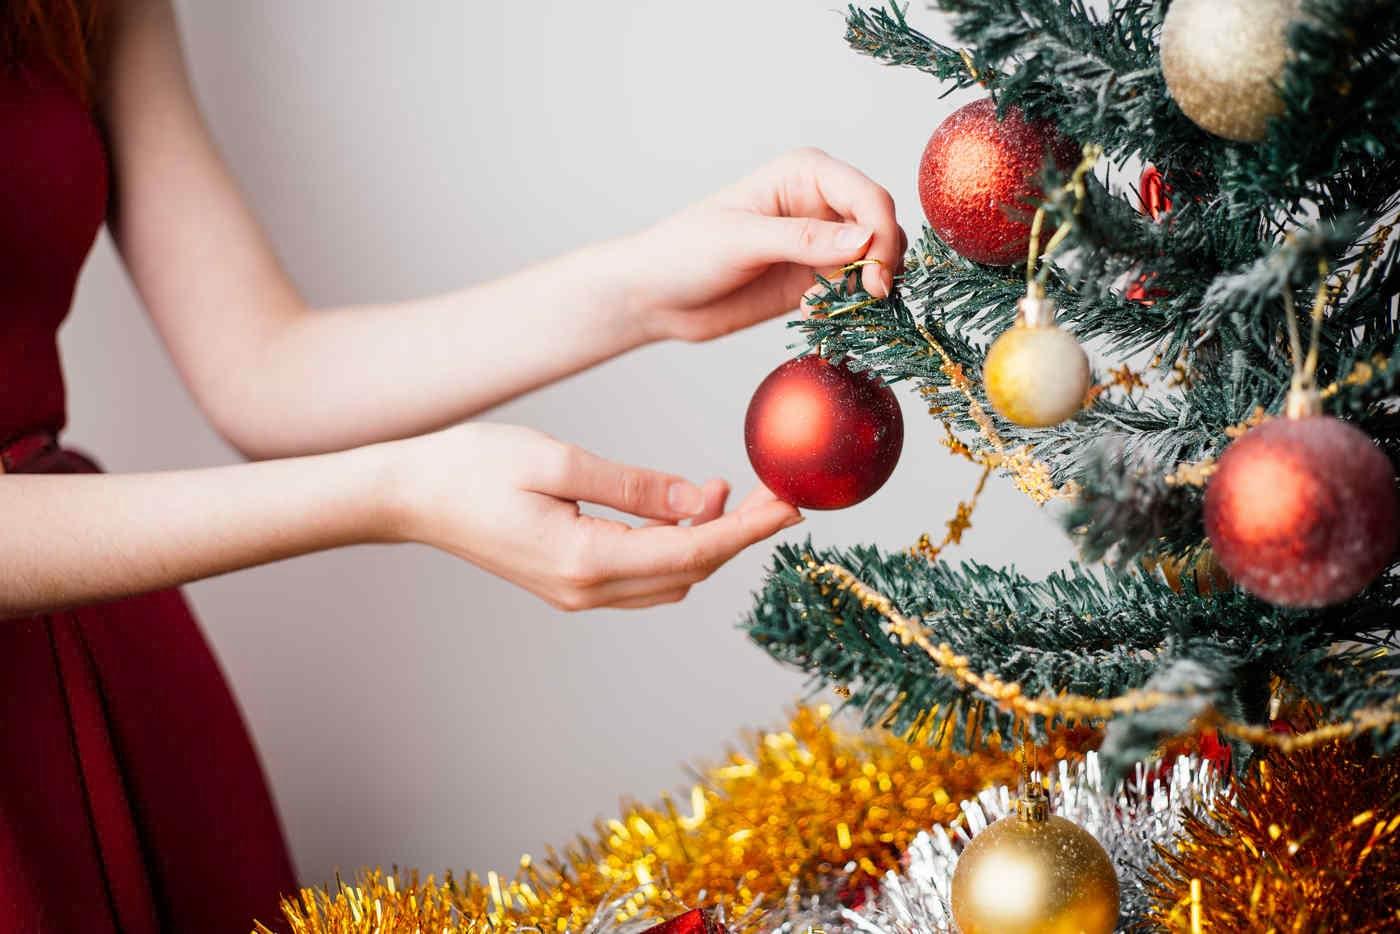 Ce reguli să respecți pentru un Crăciun în siguranță